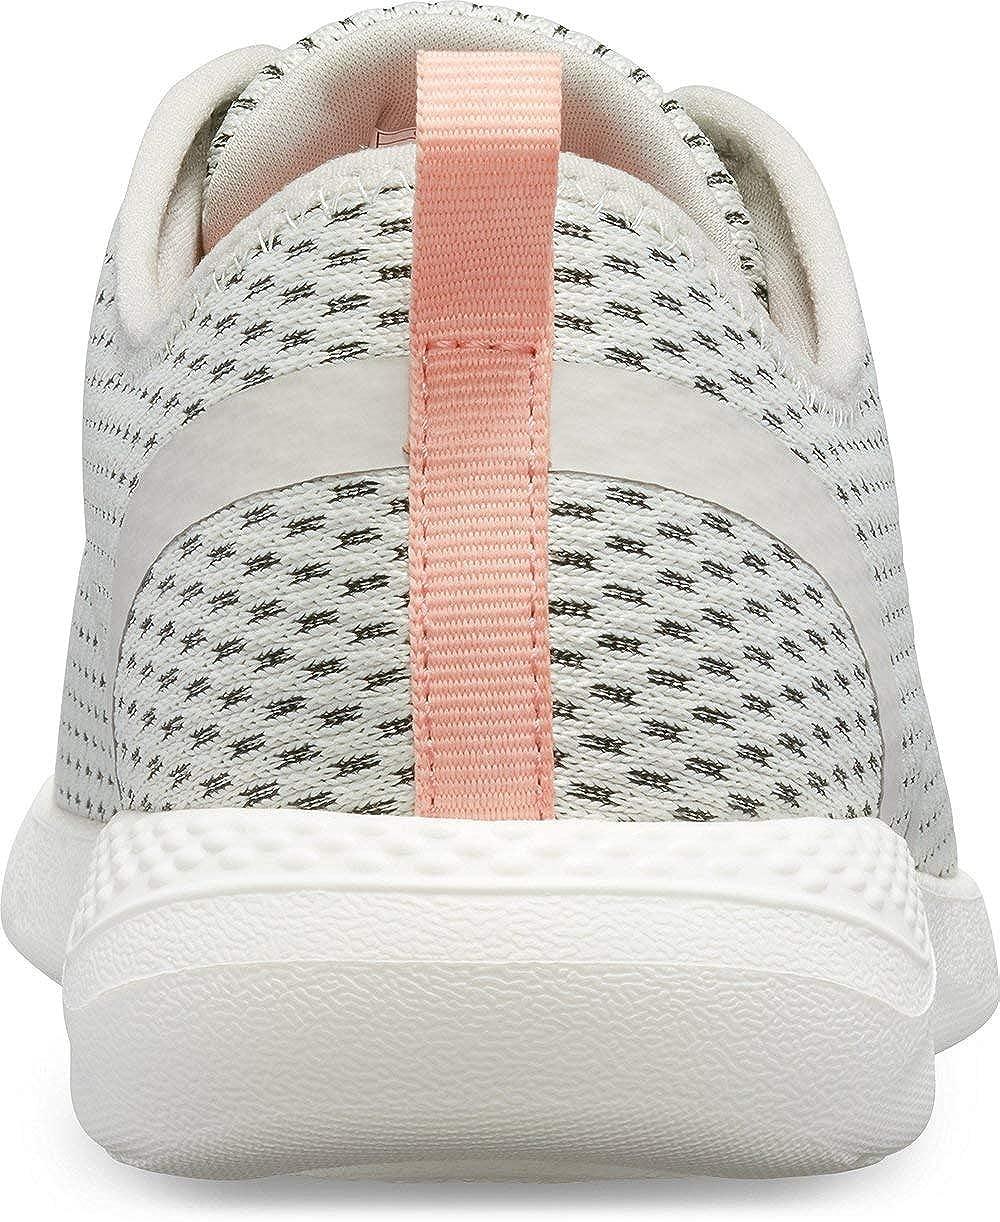 Women Fashion Sneakers Crocs Womens